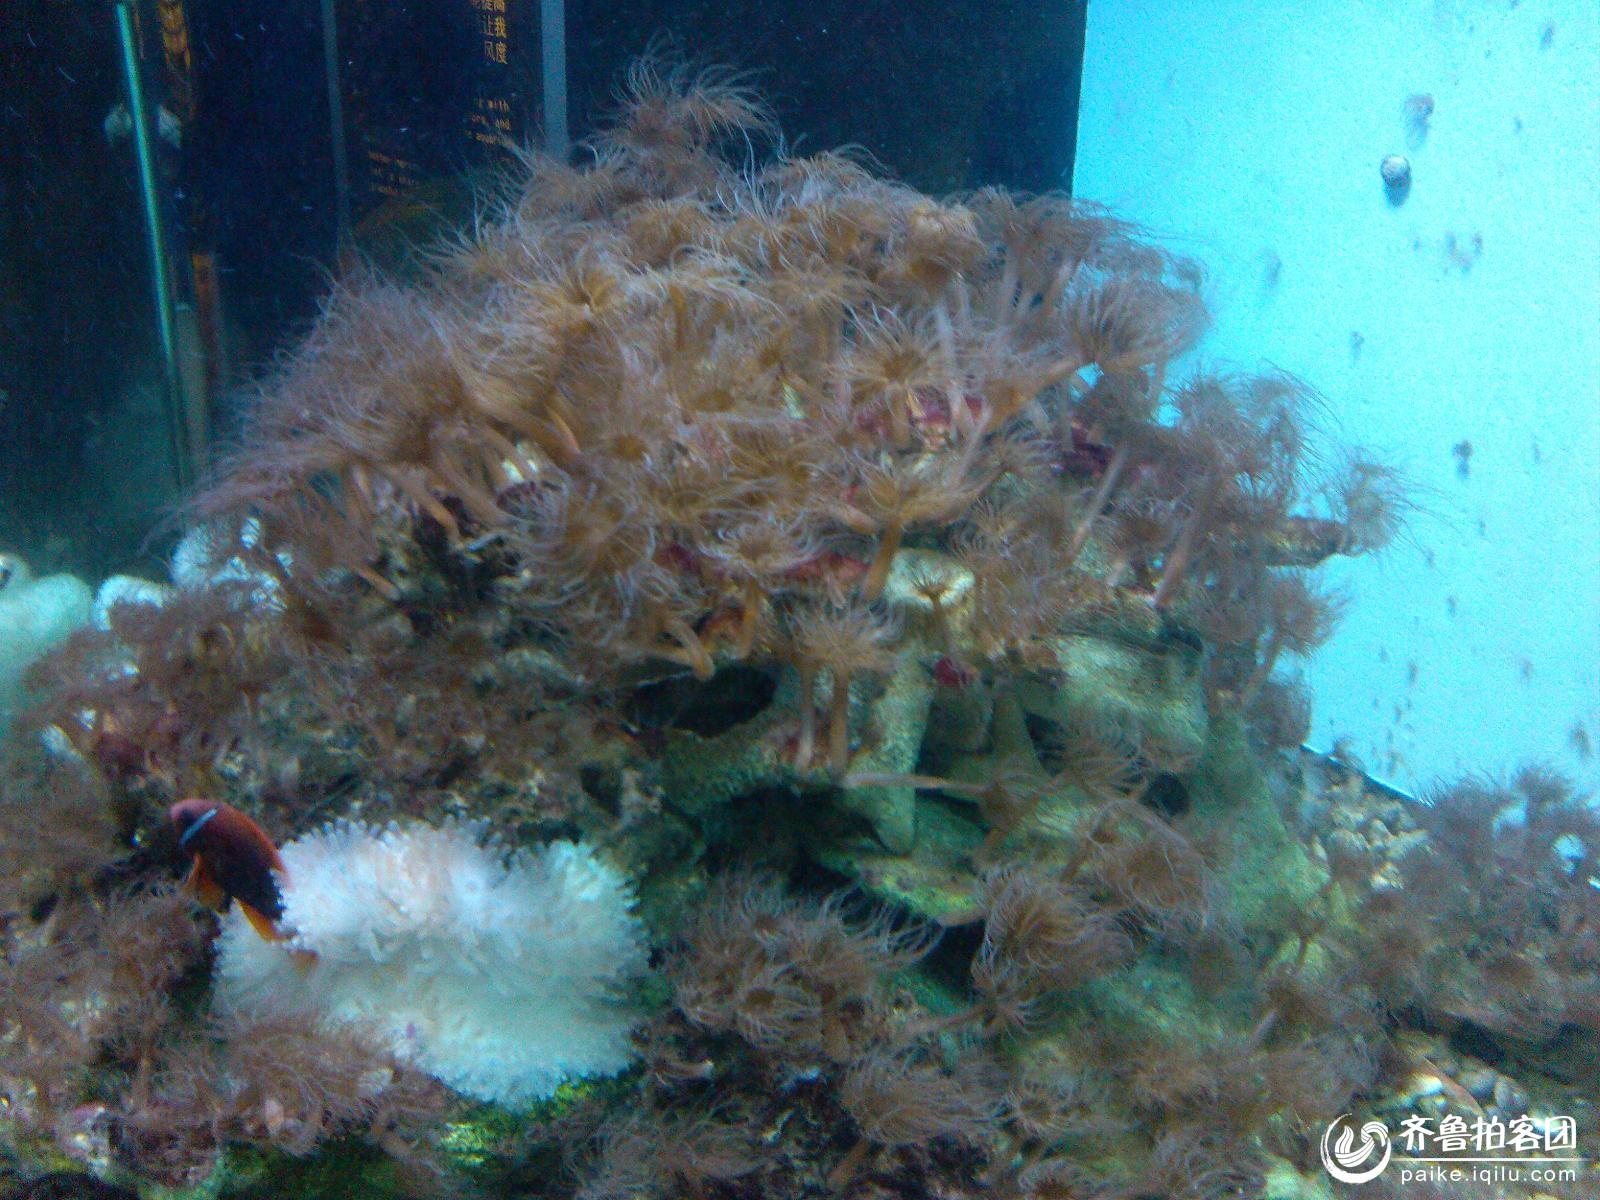 神奇的海底世界 - 东营拍客